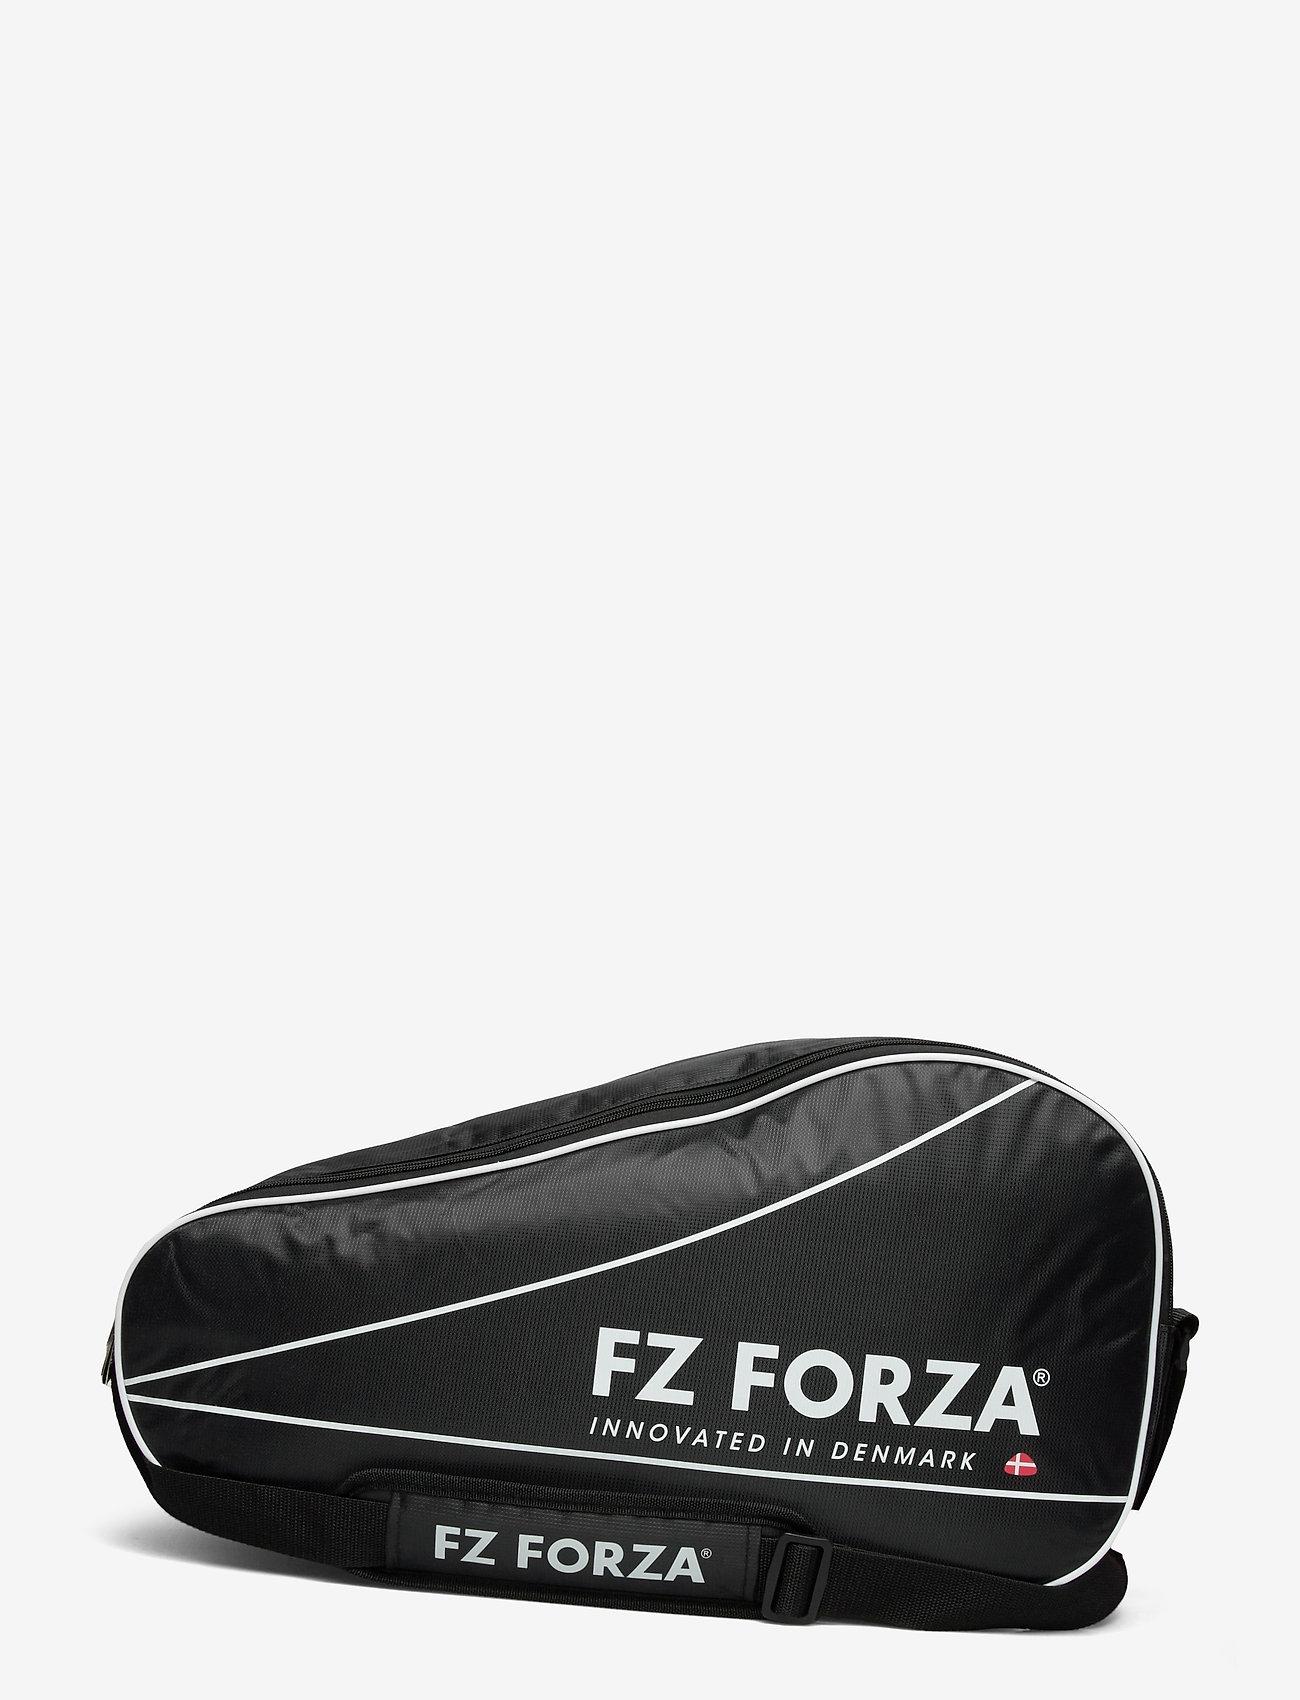 FZ Forza - FZ FORZA PADEL BAG CLASSIC - ketsjersporttasker - 1001 black - 0